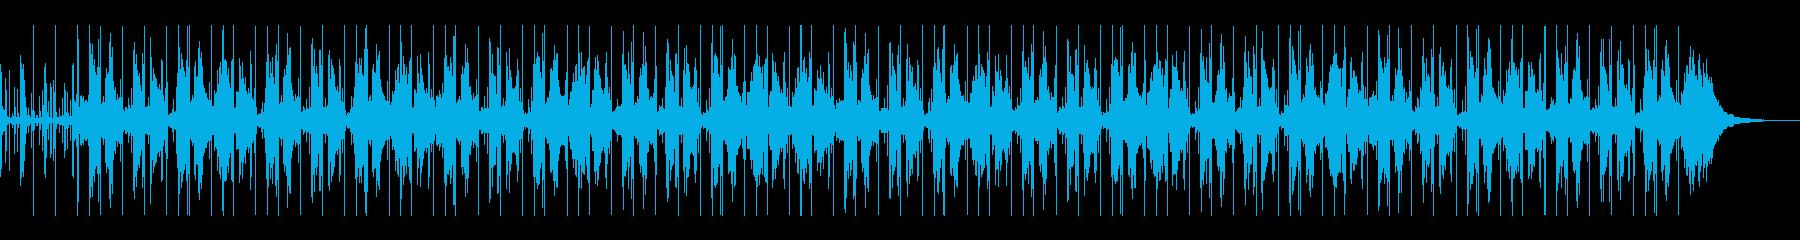 自然を感じるインストピアノヒップホップの再生済みの波形